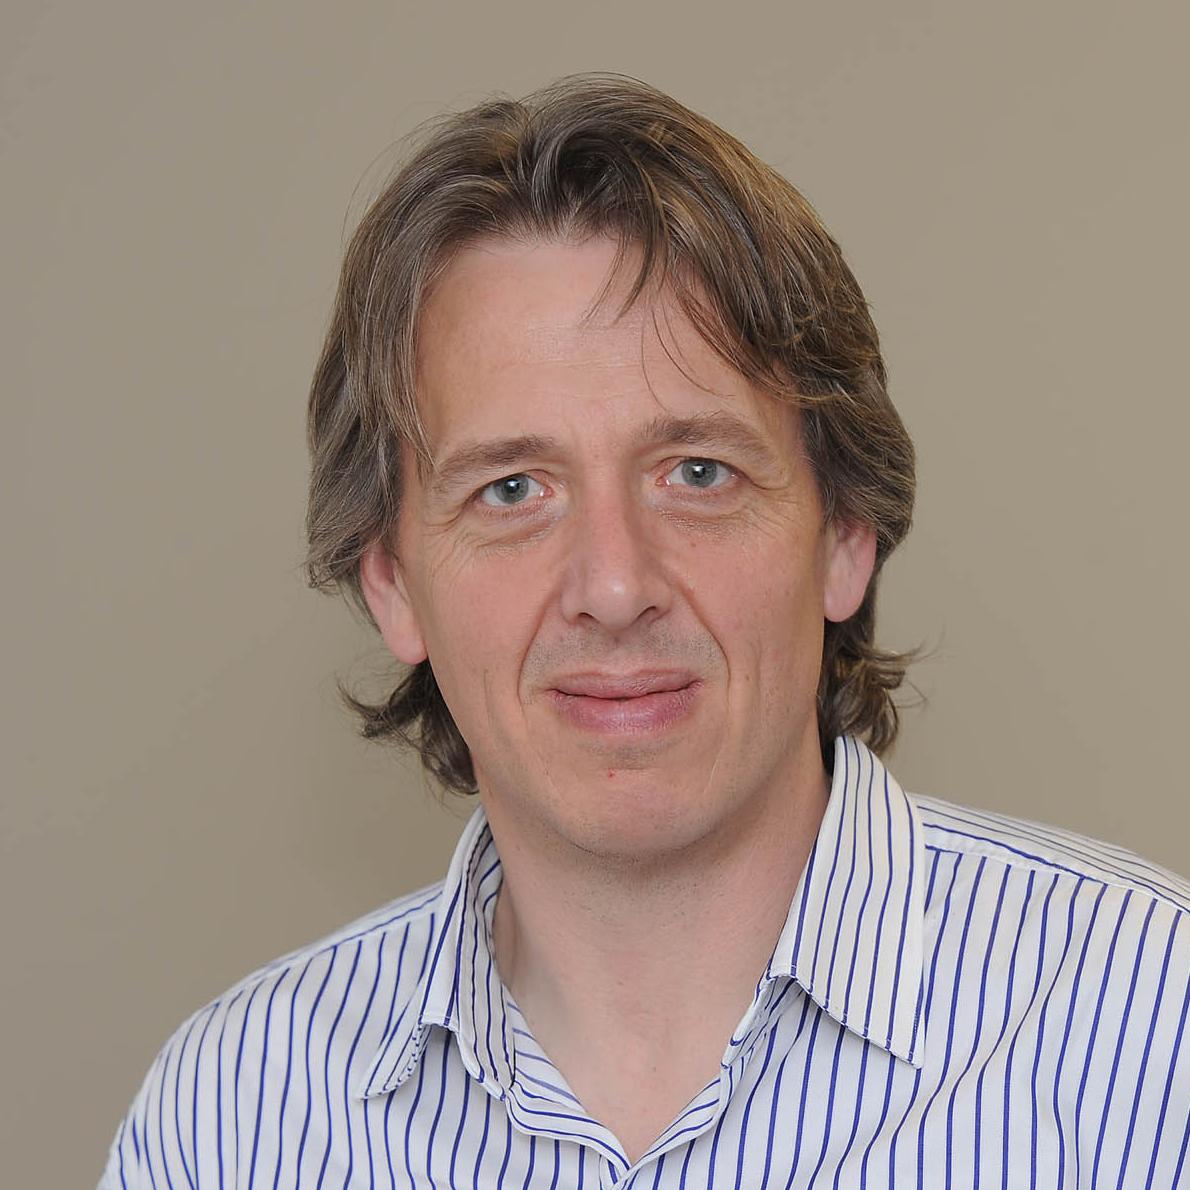 Mark Goodrum